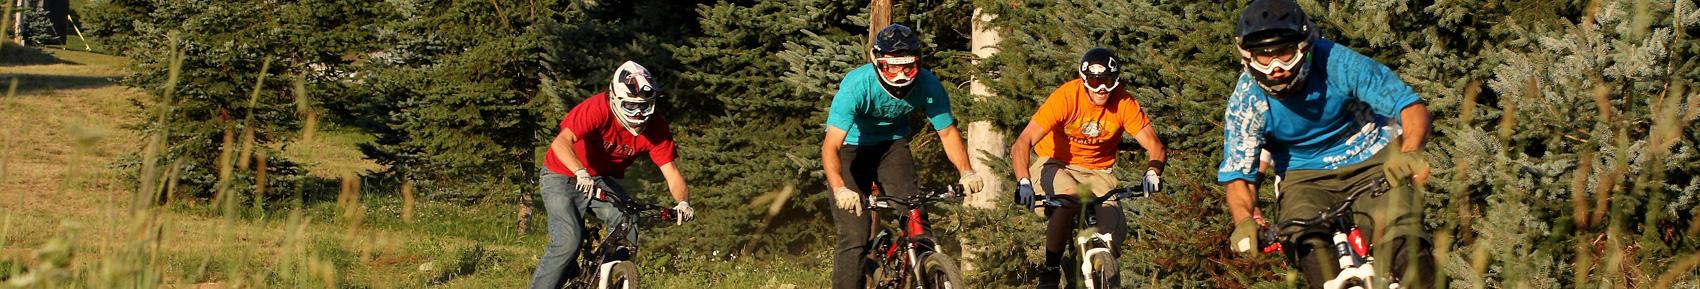 bike-park-6